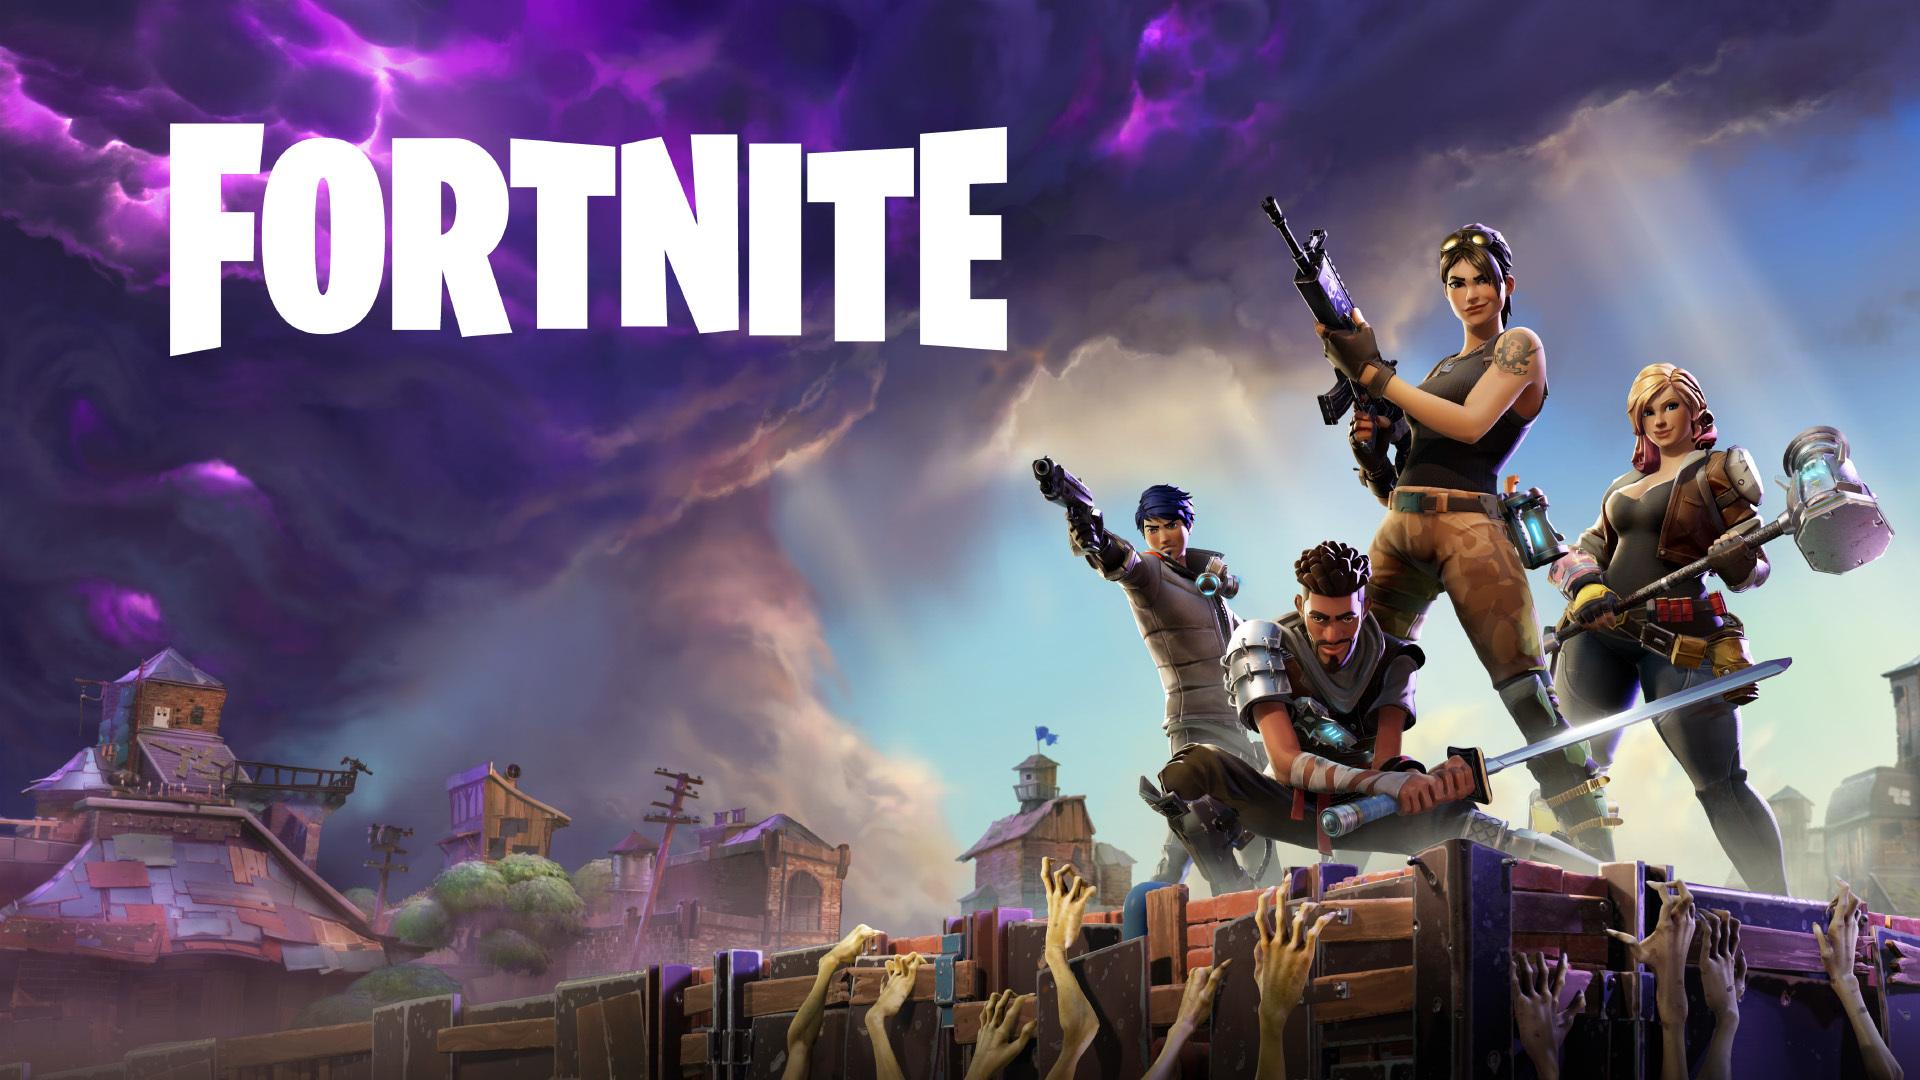 H Nintendo επιβεβαιώνει εμμέσως την άφιξη του Fortnite στο Switch